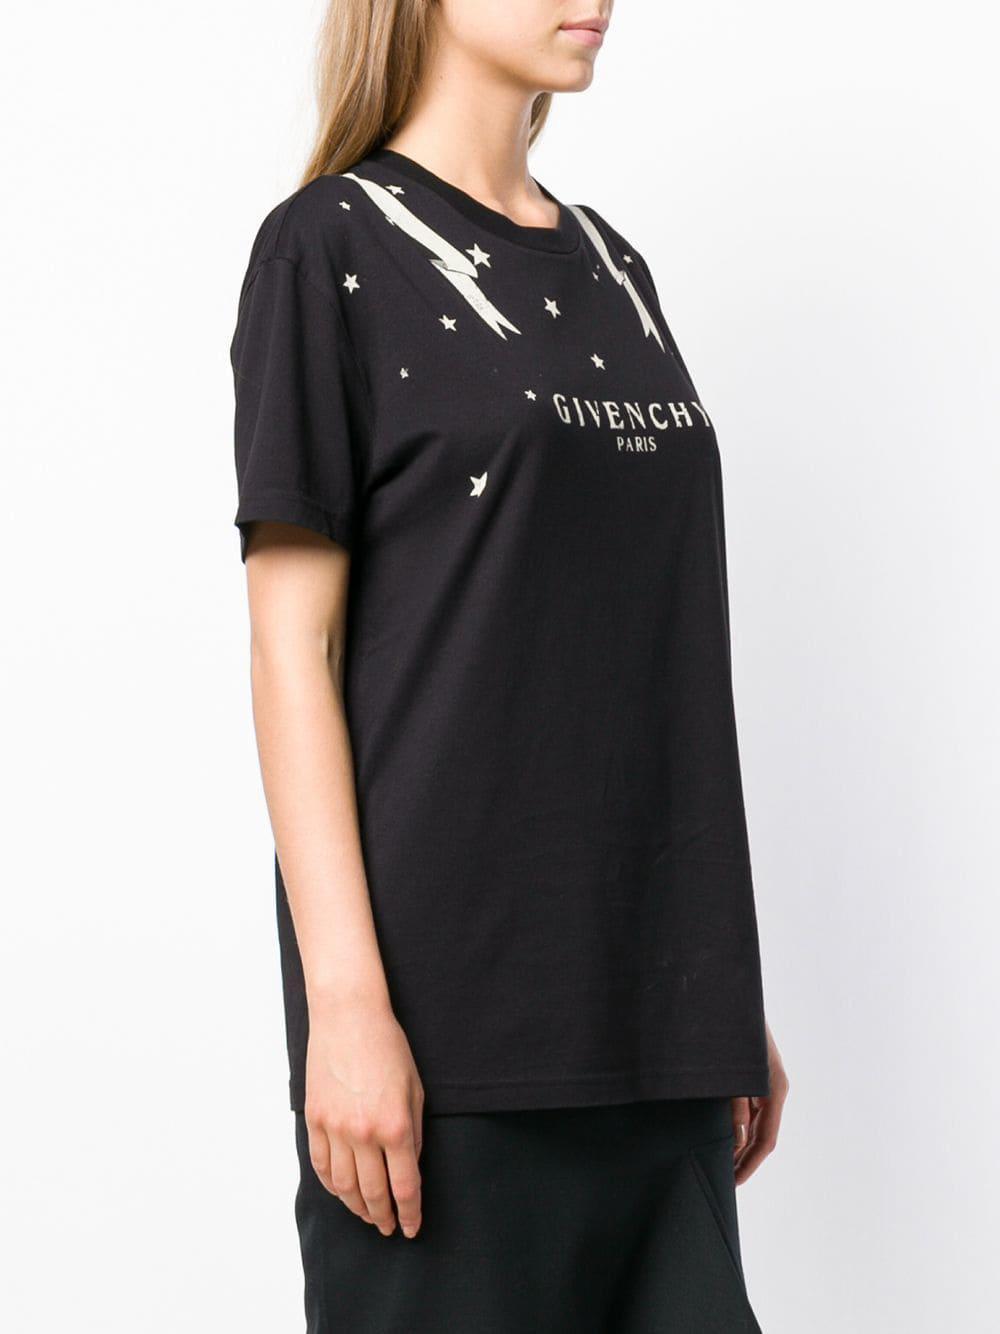 385665a8f85 Lyst - Givenchy Black Gemini Logo T-shirt in Black